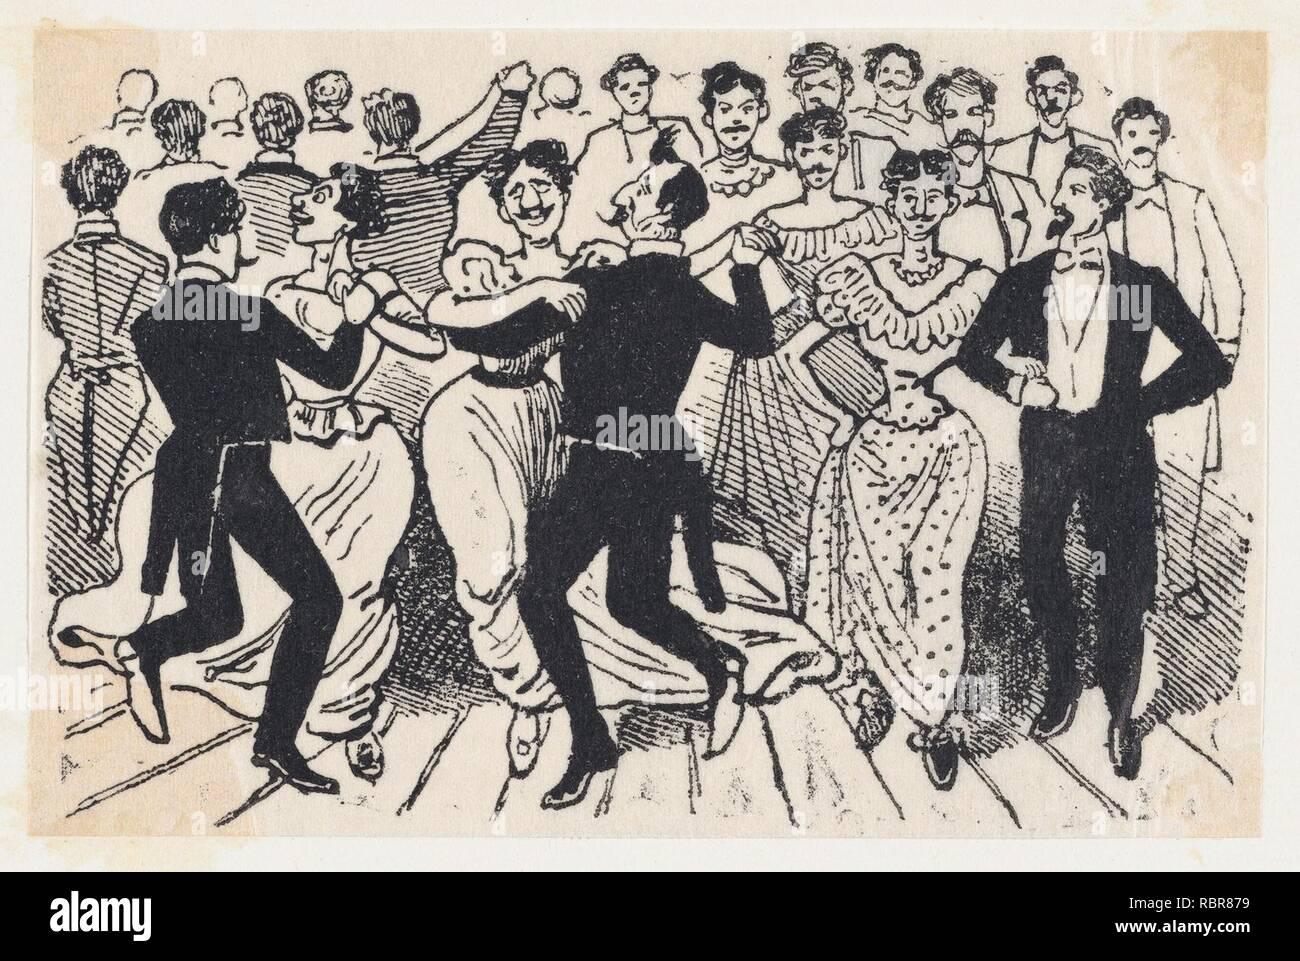 Un Baile Con 735325 Hombres En Trajes Y Vestidos De Un